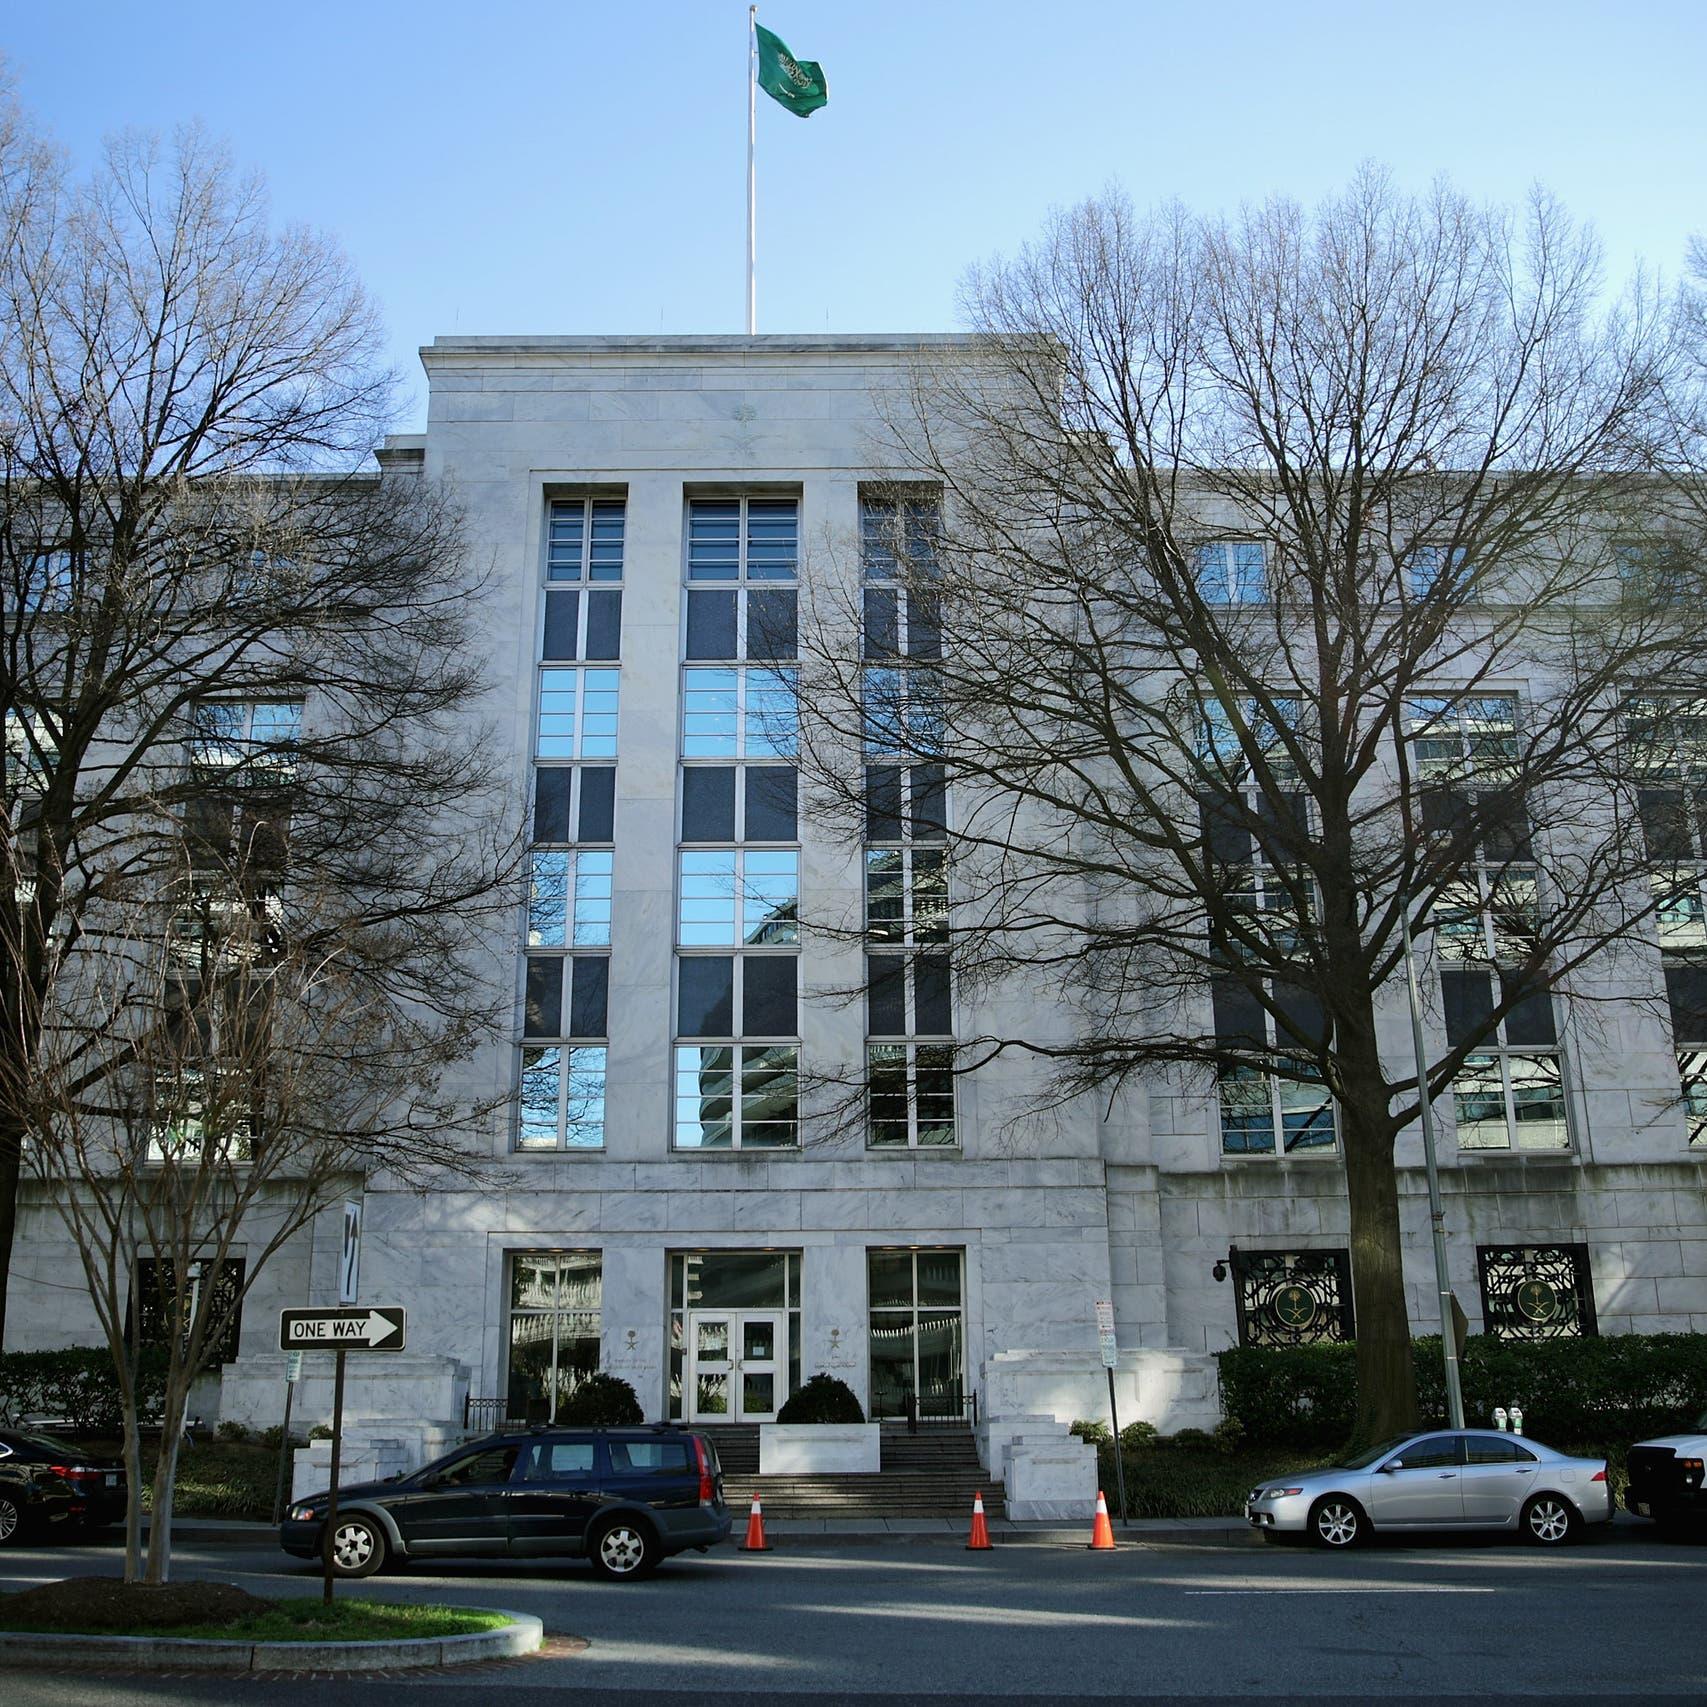 السفارة السعودية ترحب بنتائج التحقيق بشأن هجوم قاعدة فلوريدا